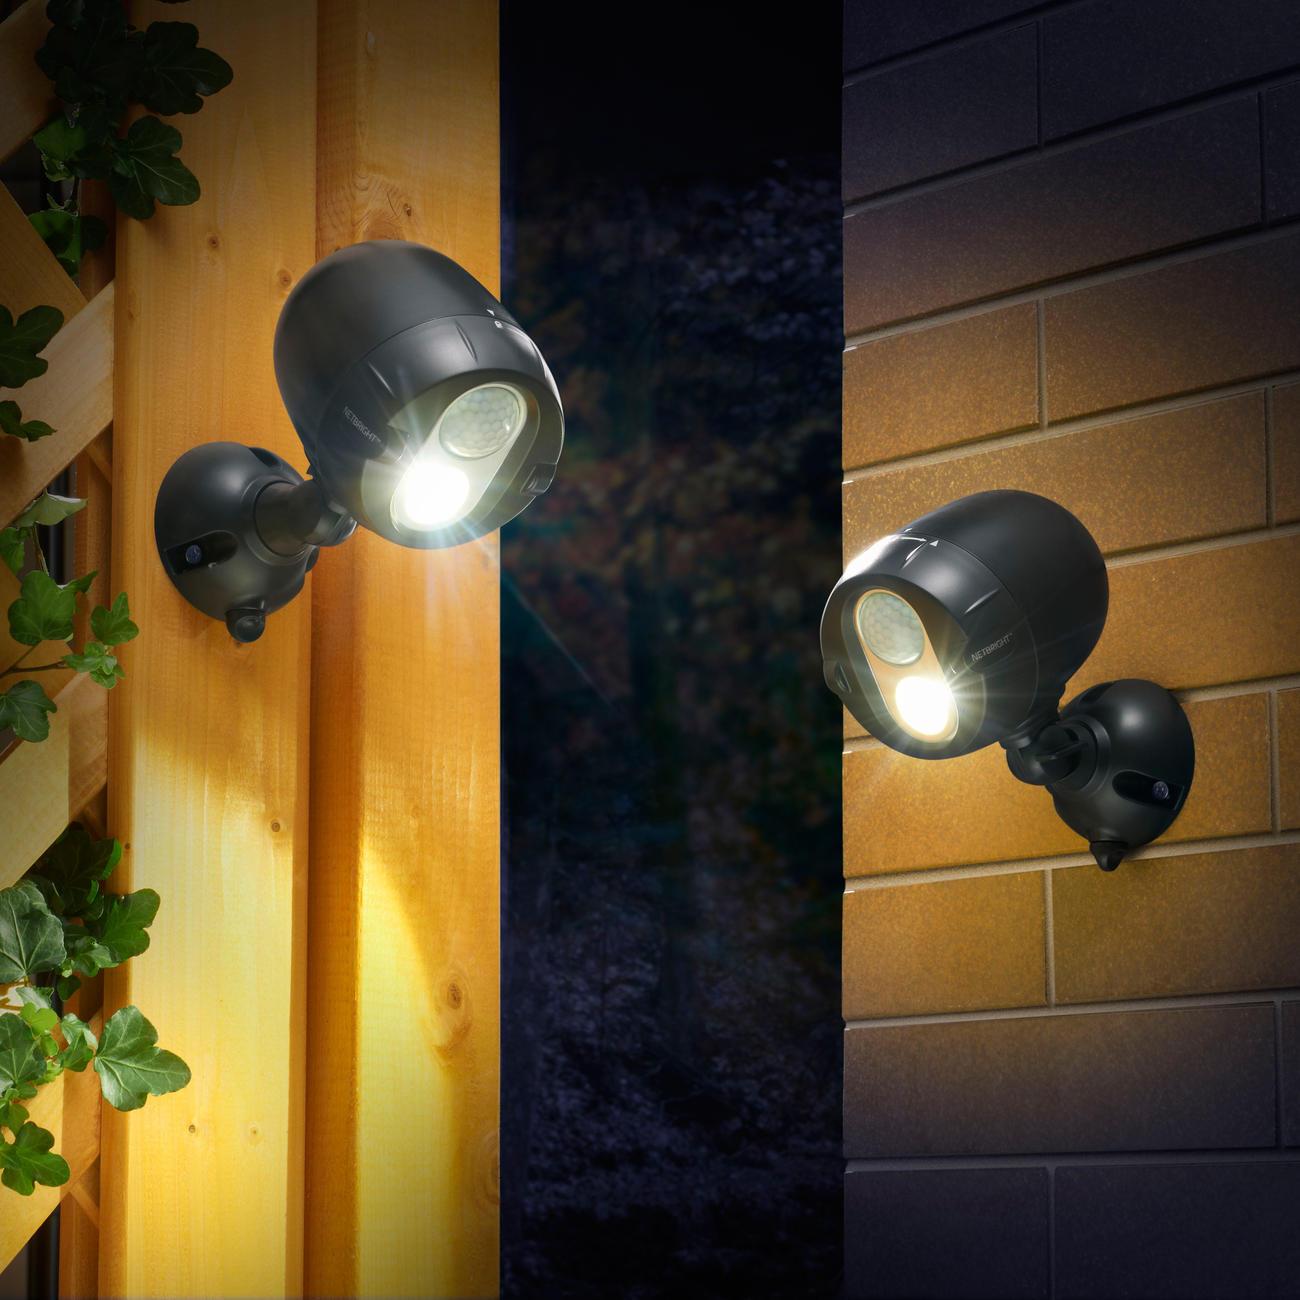 draadloze netwerklamp set van 2 goedkoop online kopen. Black Bedroom Furniture Sets. Home Design Ideas